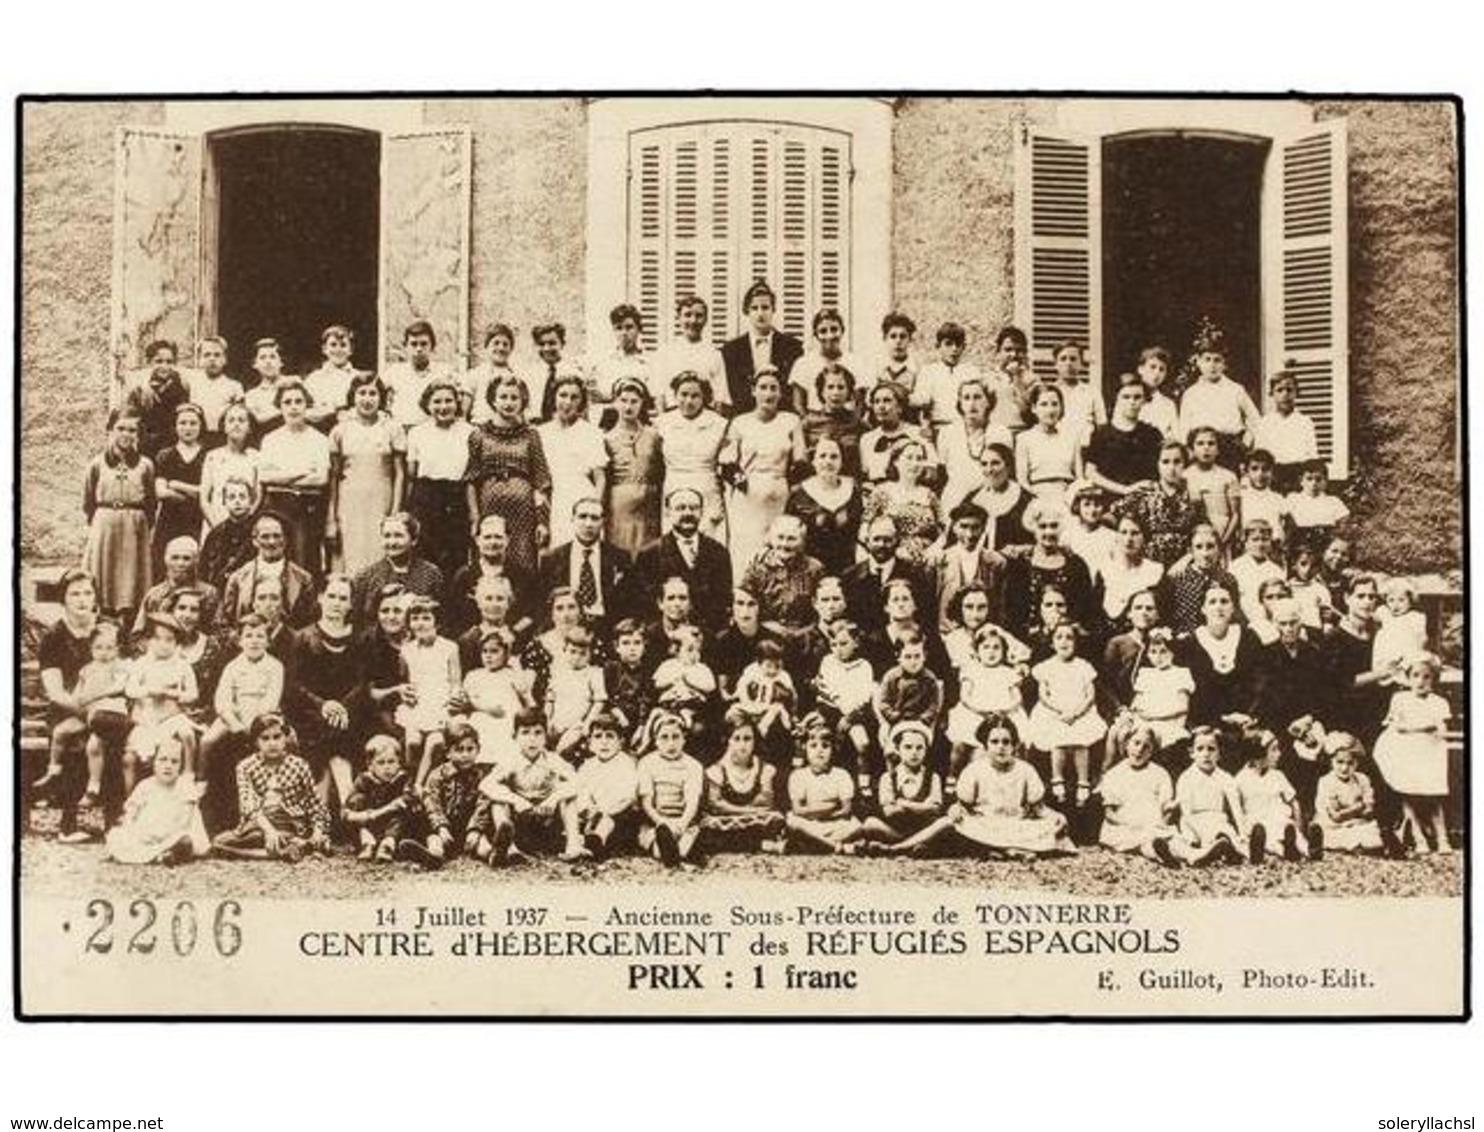 897 ESPAÑA GUERRA CIVIL. 1937. Tarjeta Postal Vendida Por <B>1 Fr. CENTRE D'HÉBERGEMENT DES RÉFUGIÉS ESPAGNOLS.</B> - Stamps